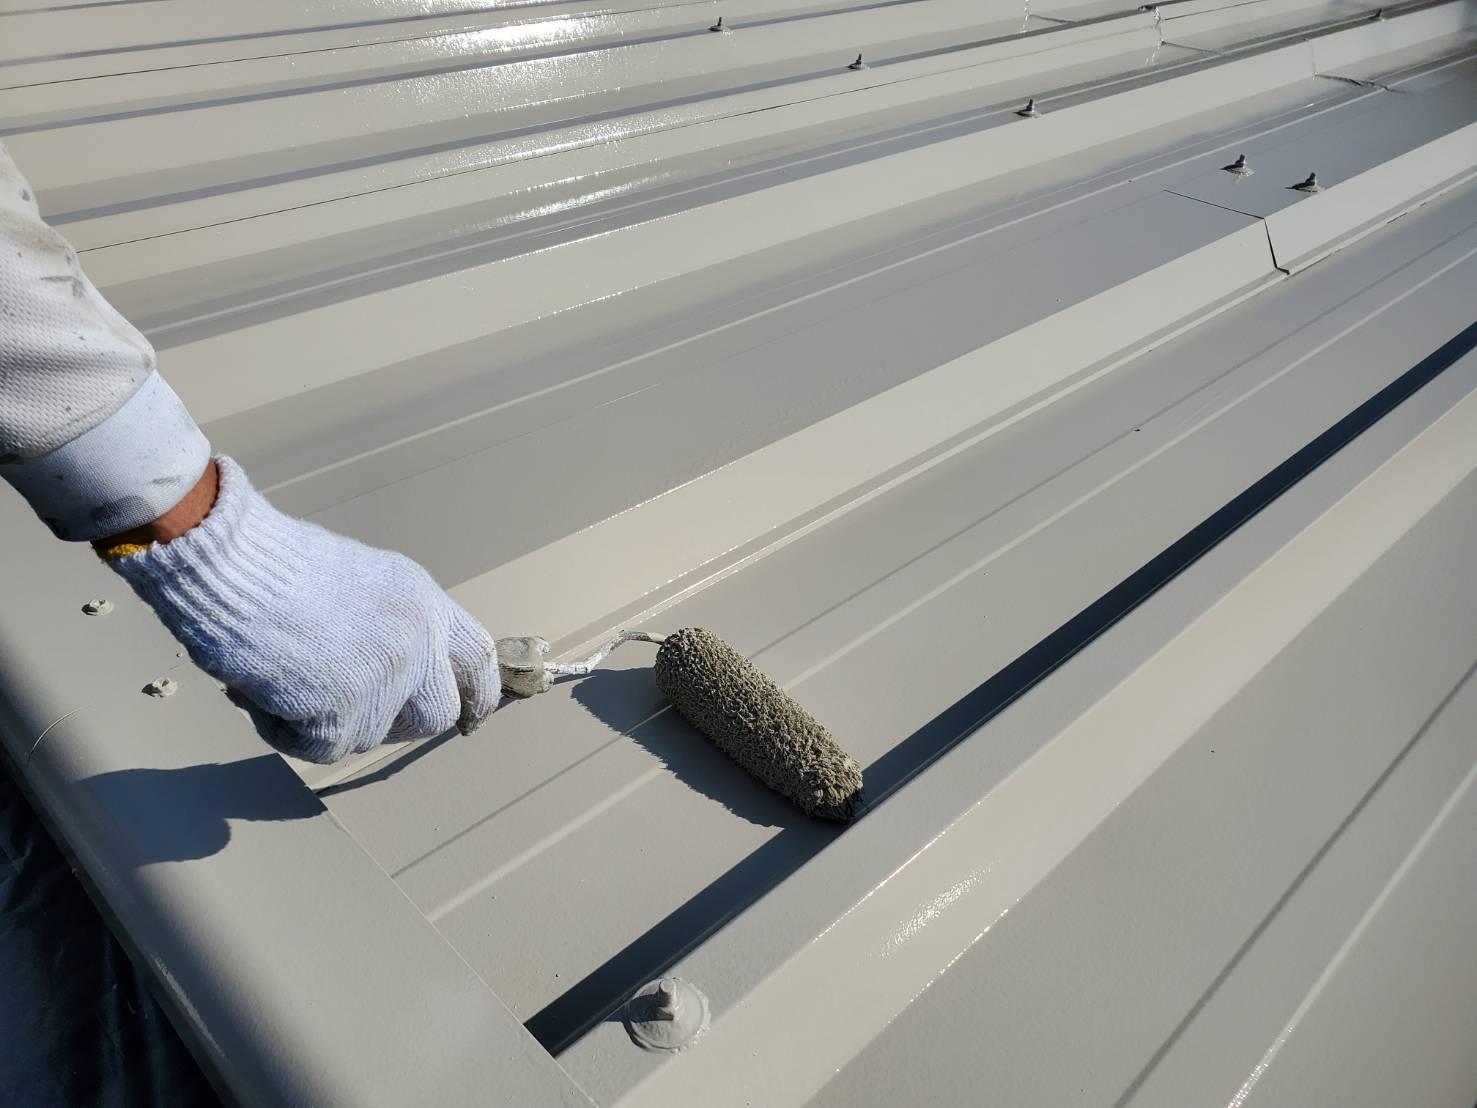 外壁塗装 佐賀 倉庫 シャッター塗装 シャッター 屋根 塗装 上塗り